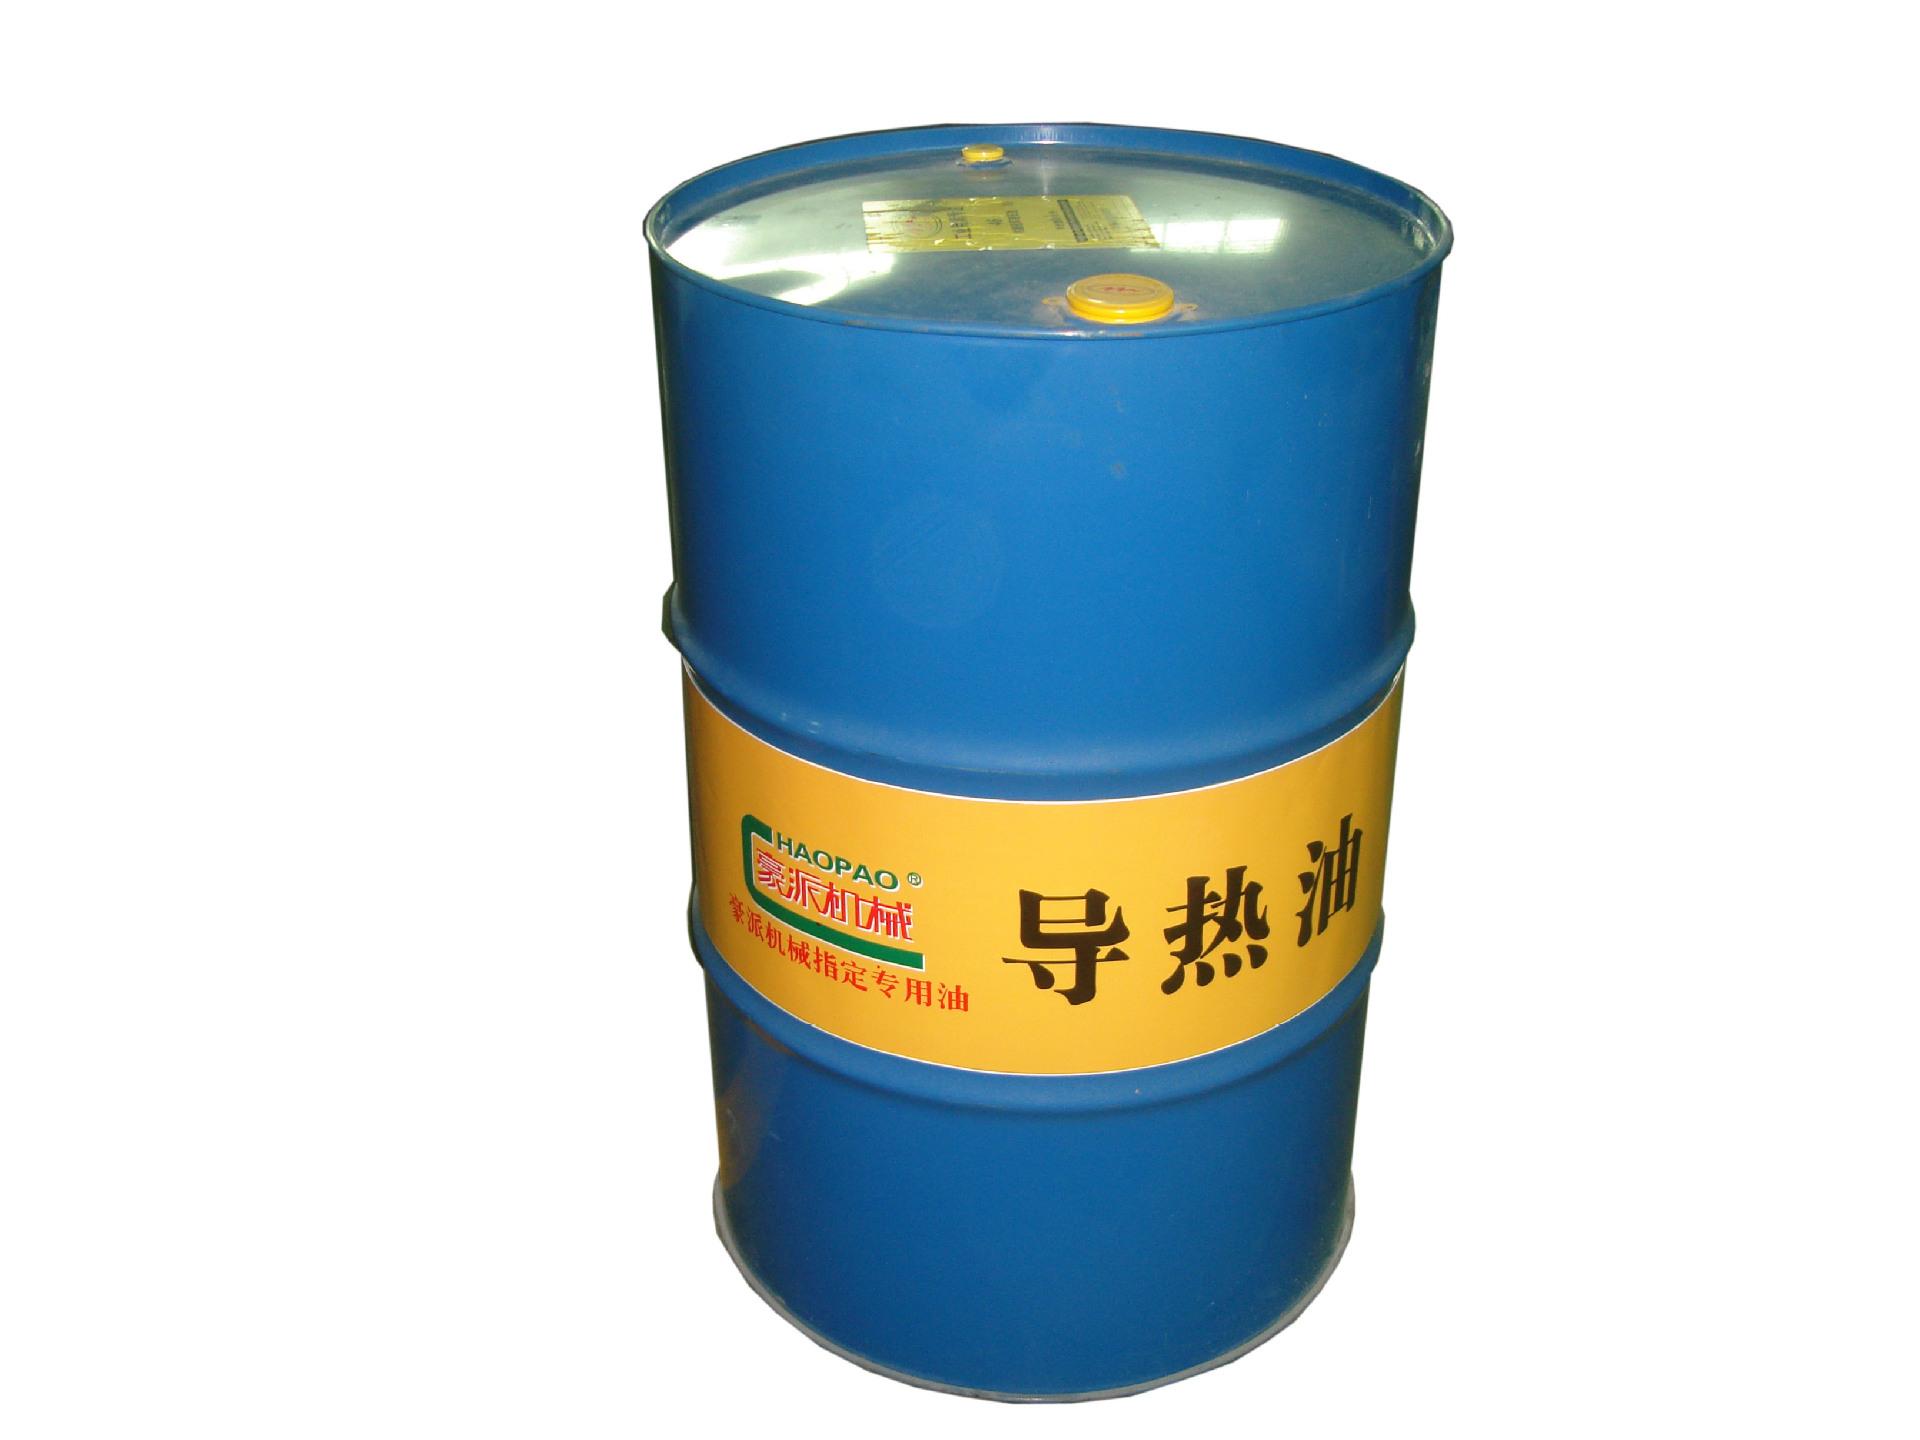 供应高效环保优质专用320导热油 高温锅炉合成传热油 批发